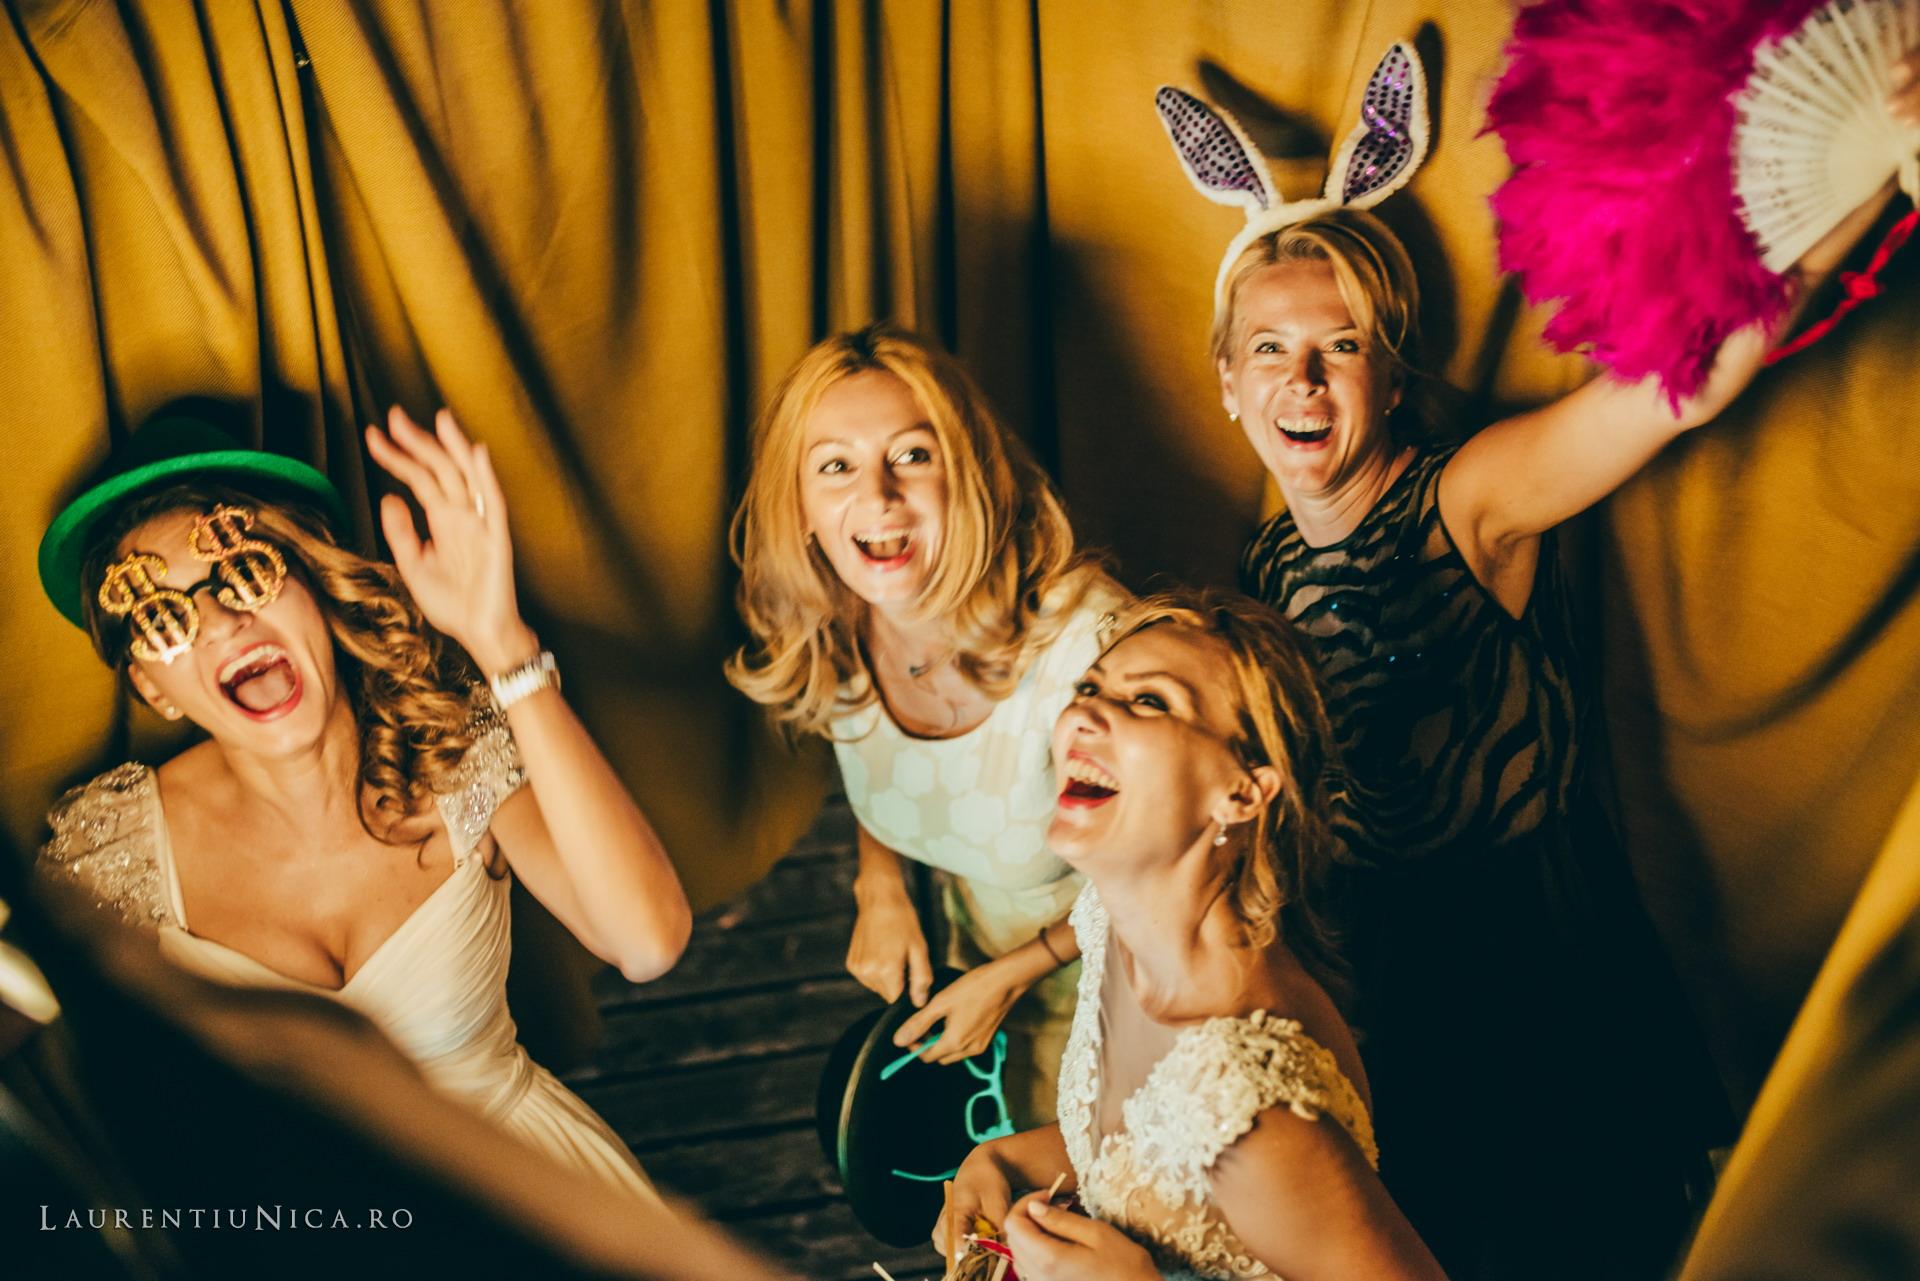 carolina si sorin craiova fotograf nunta laurentiu nica85 - Carolina & Sorin | Fotografii nunta